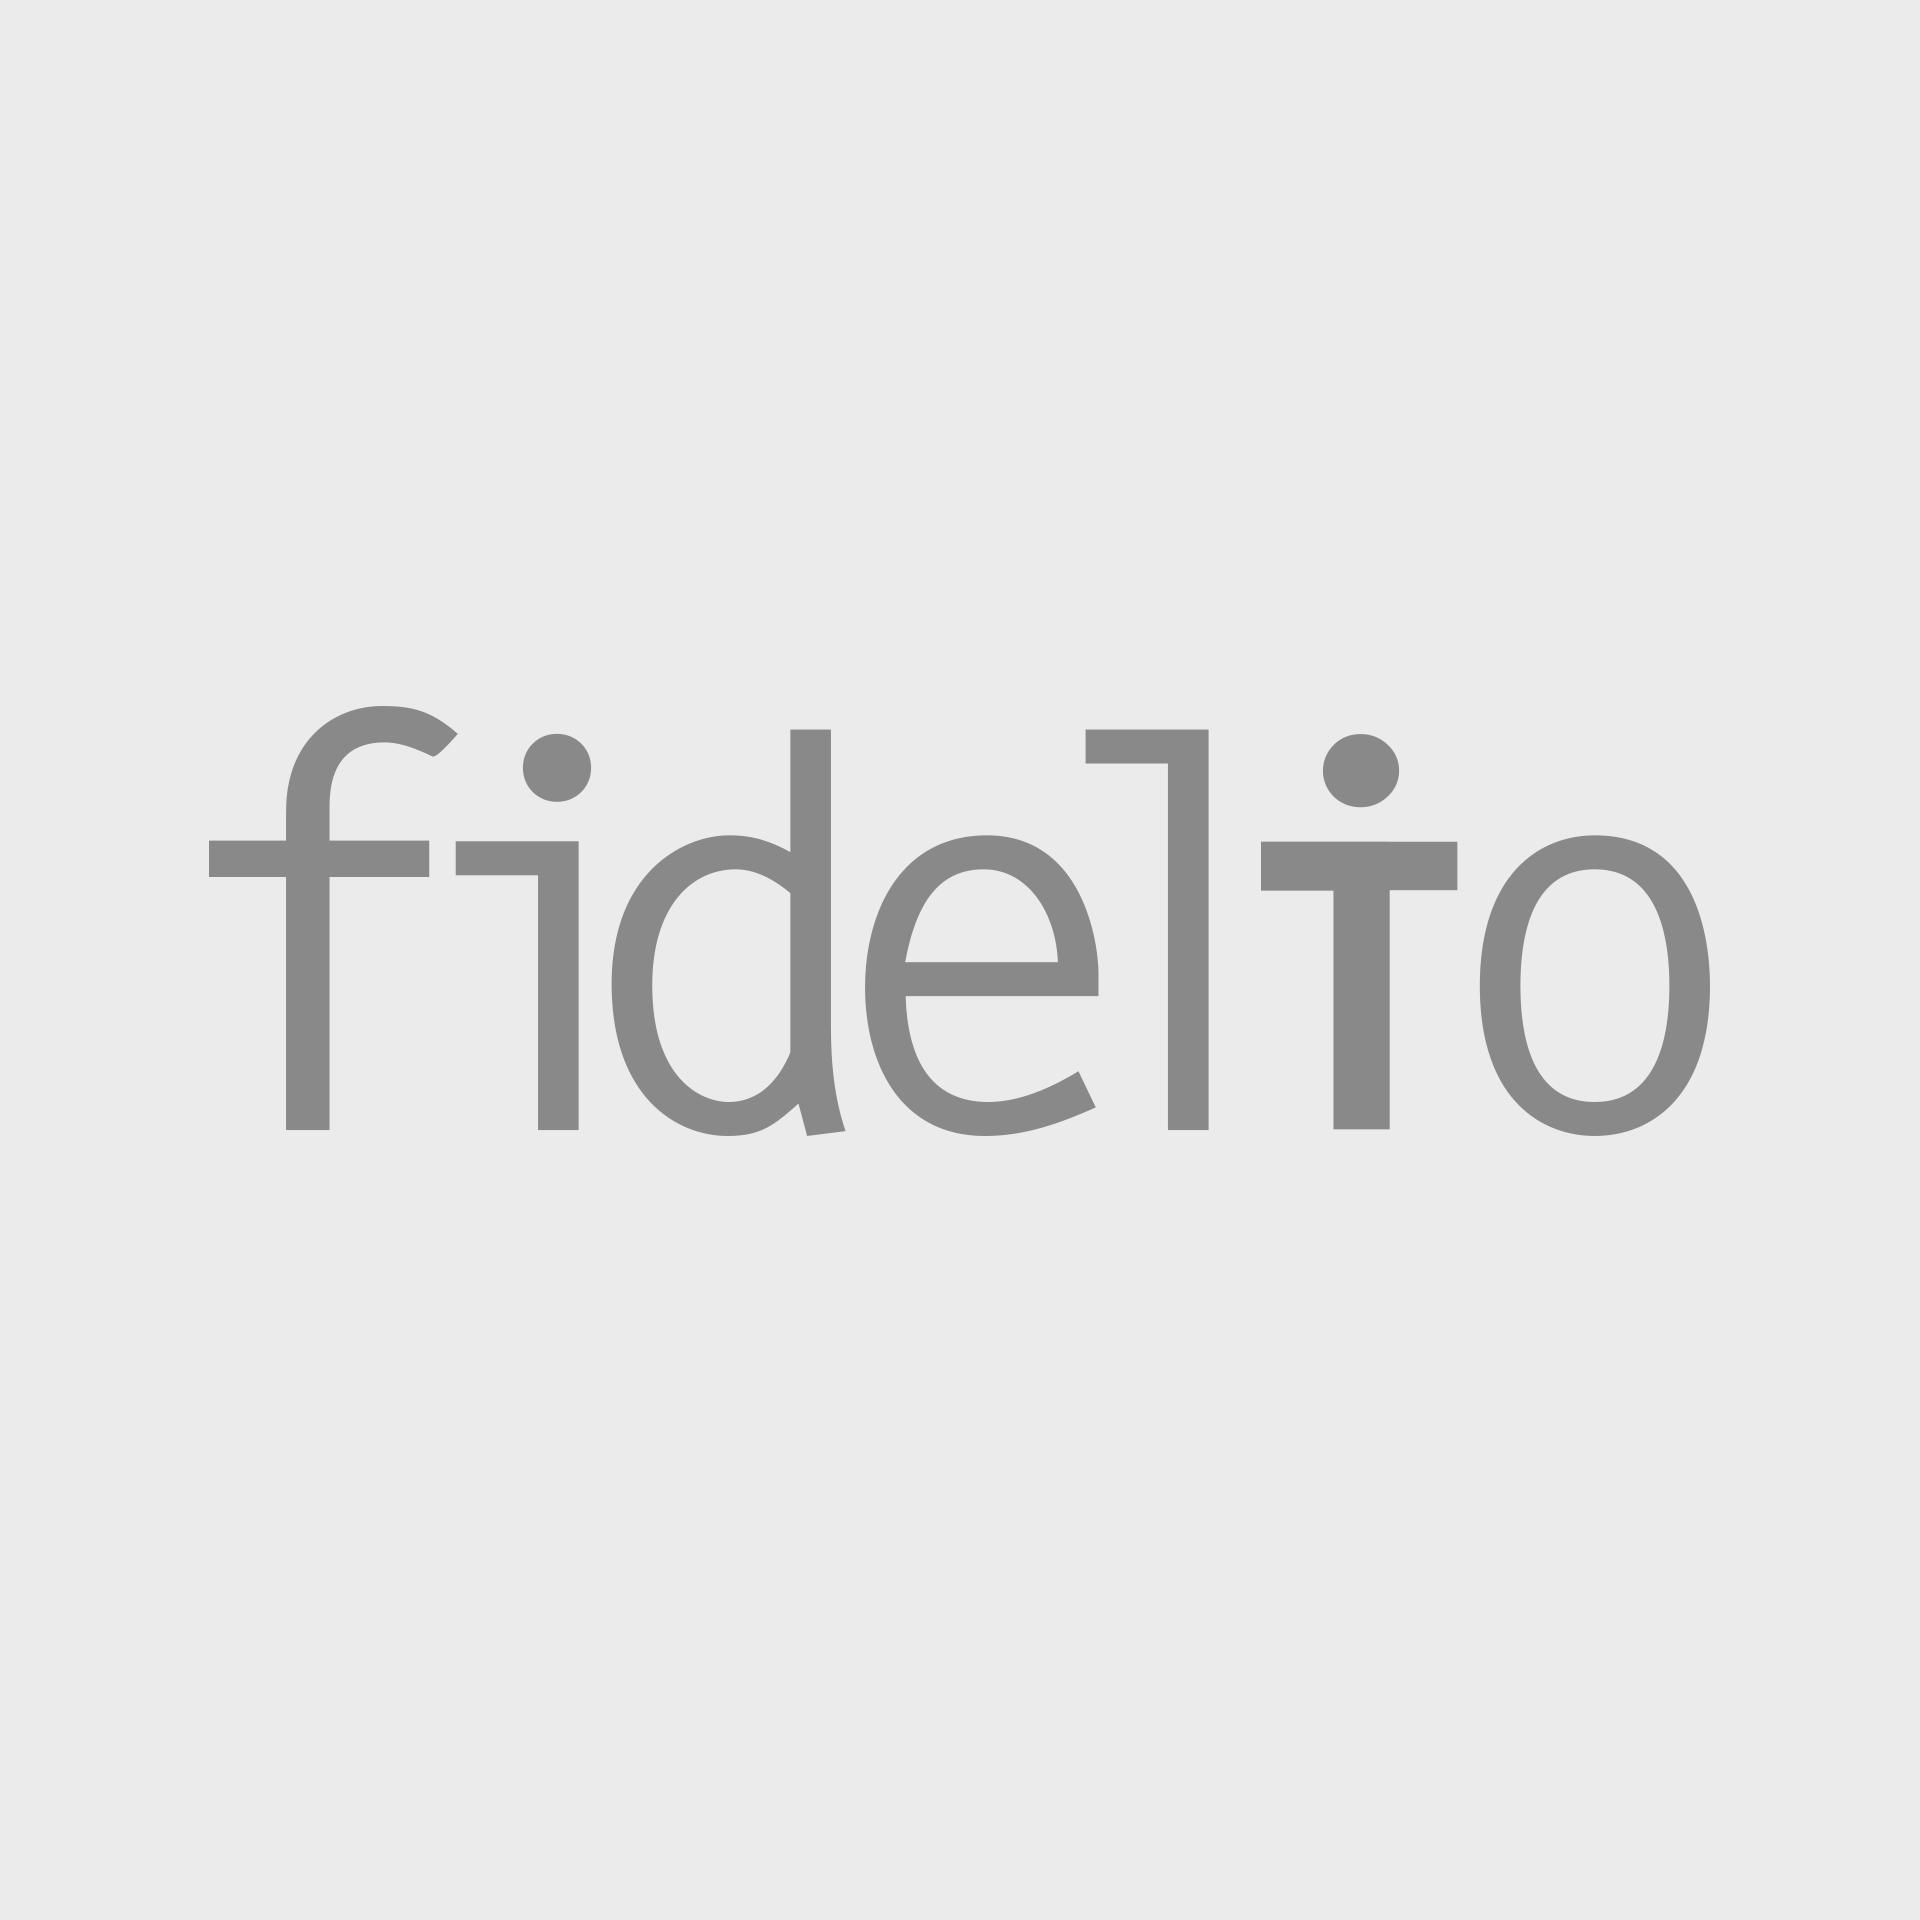 Nyolc énekes vádolja Plácido Domingót helytelen szexuális viselkedéssel